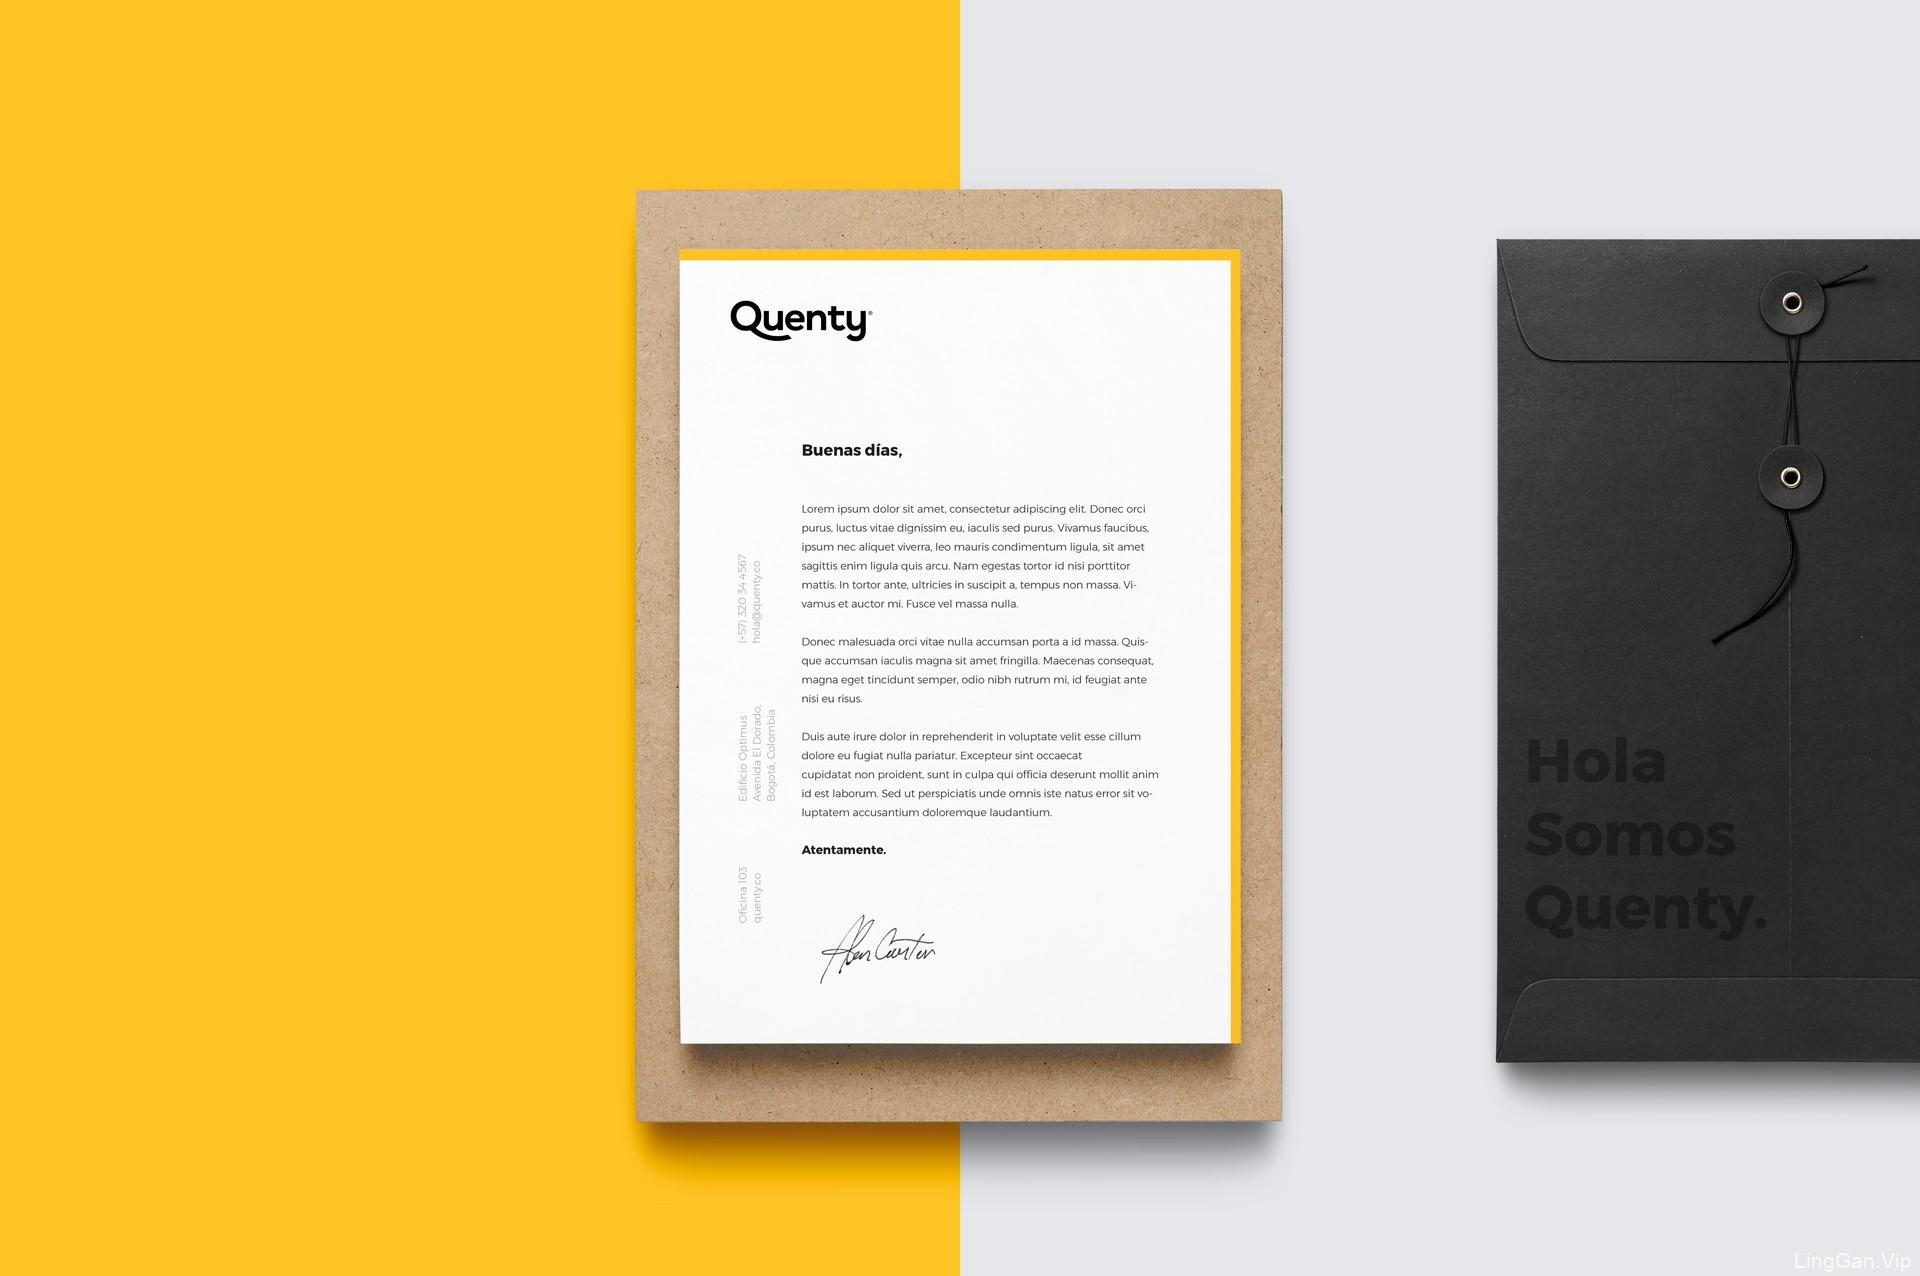 营销咨询公司Quenty品牌形象设计